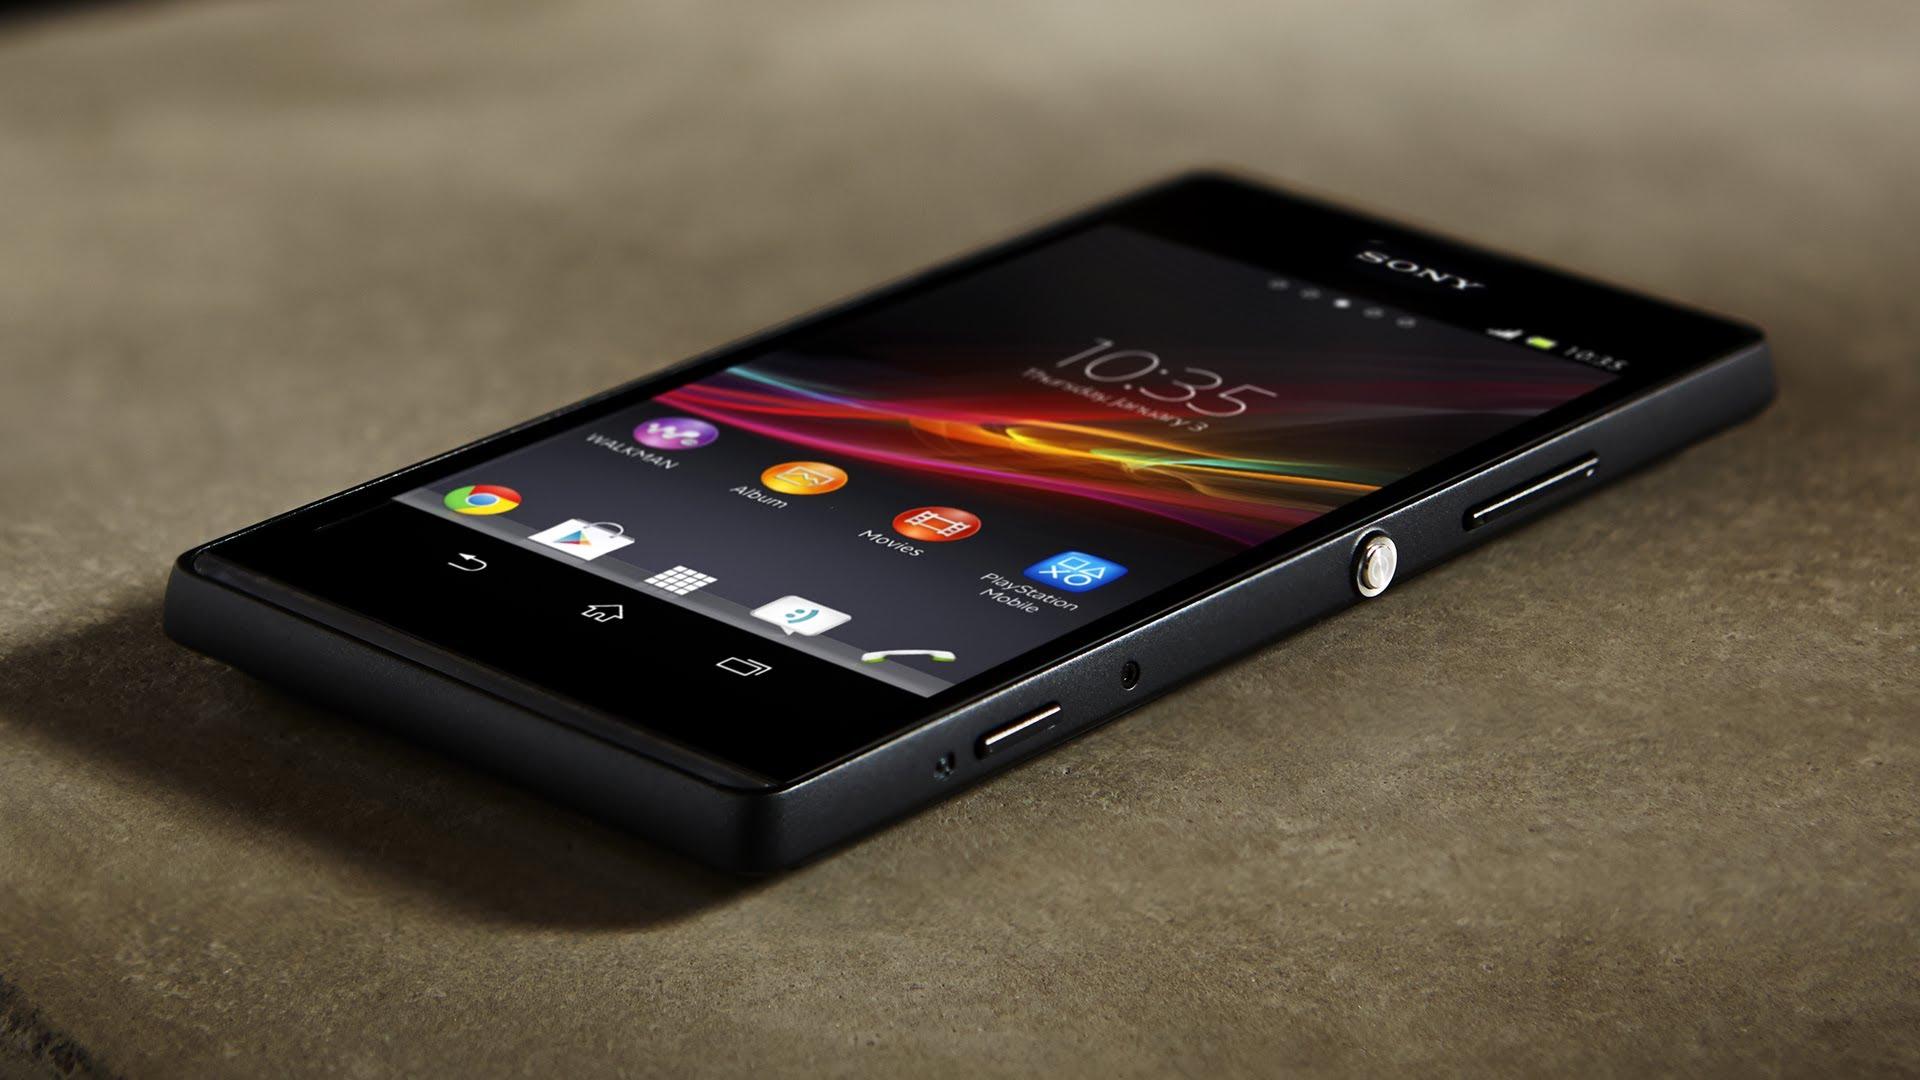 Sony Xperia SP-un nou model Xperia